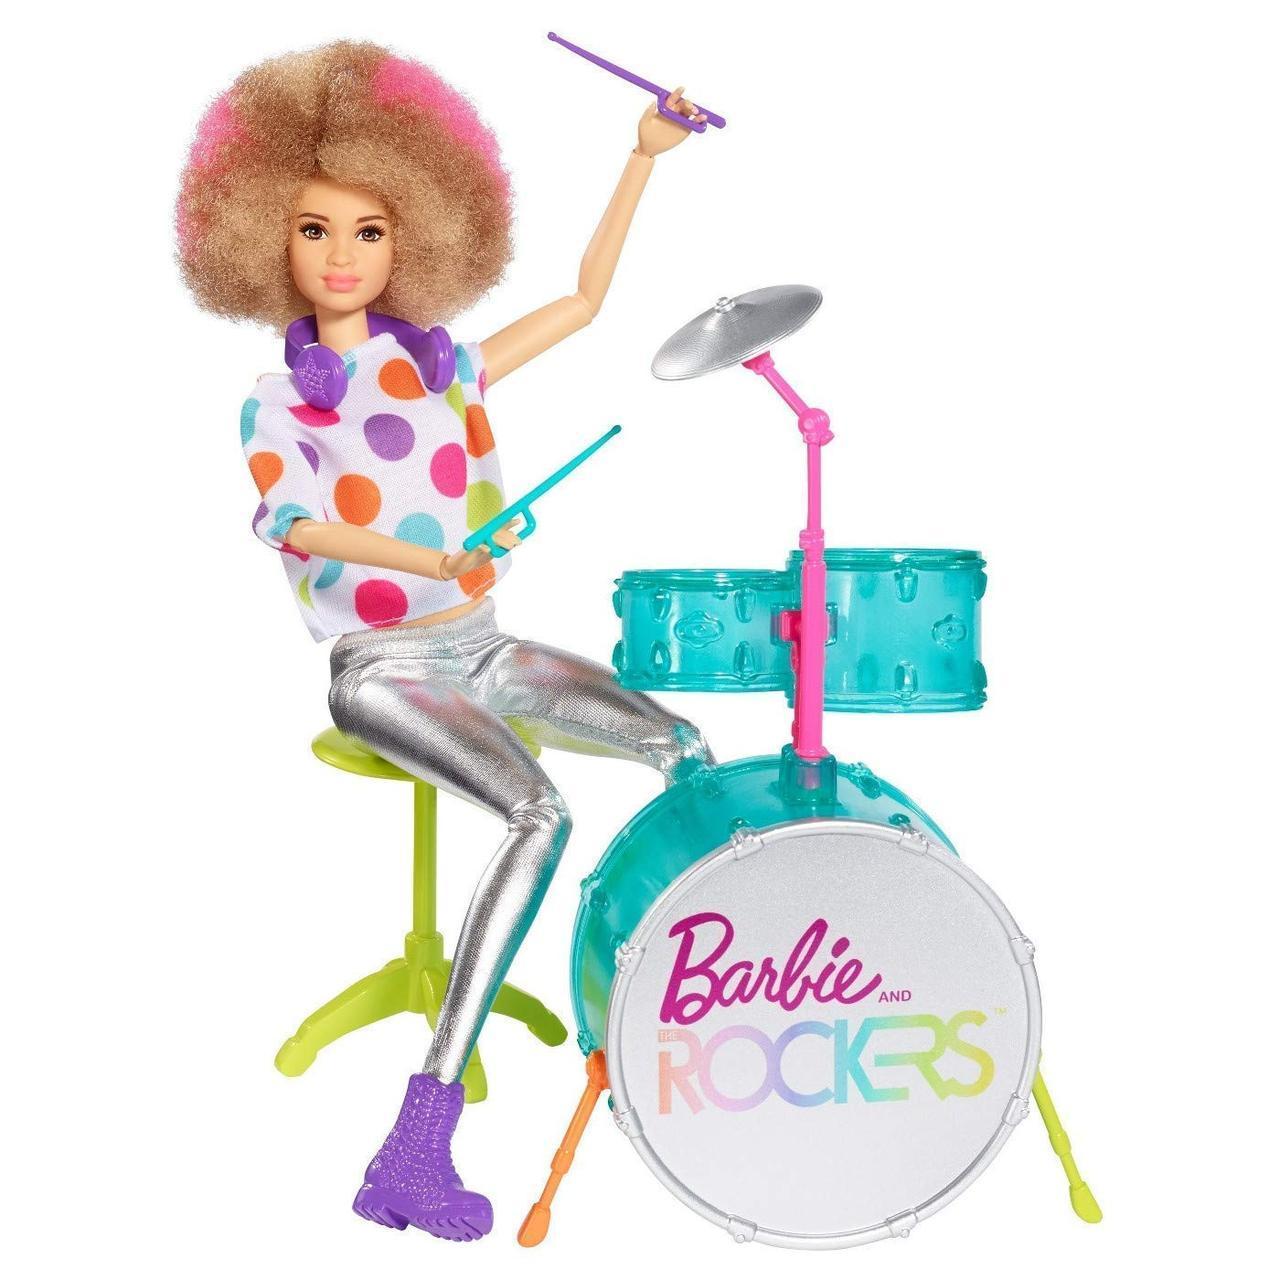 Кукла шарнирная Барби барабанщик рокеры Barbie